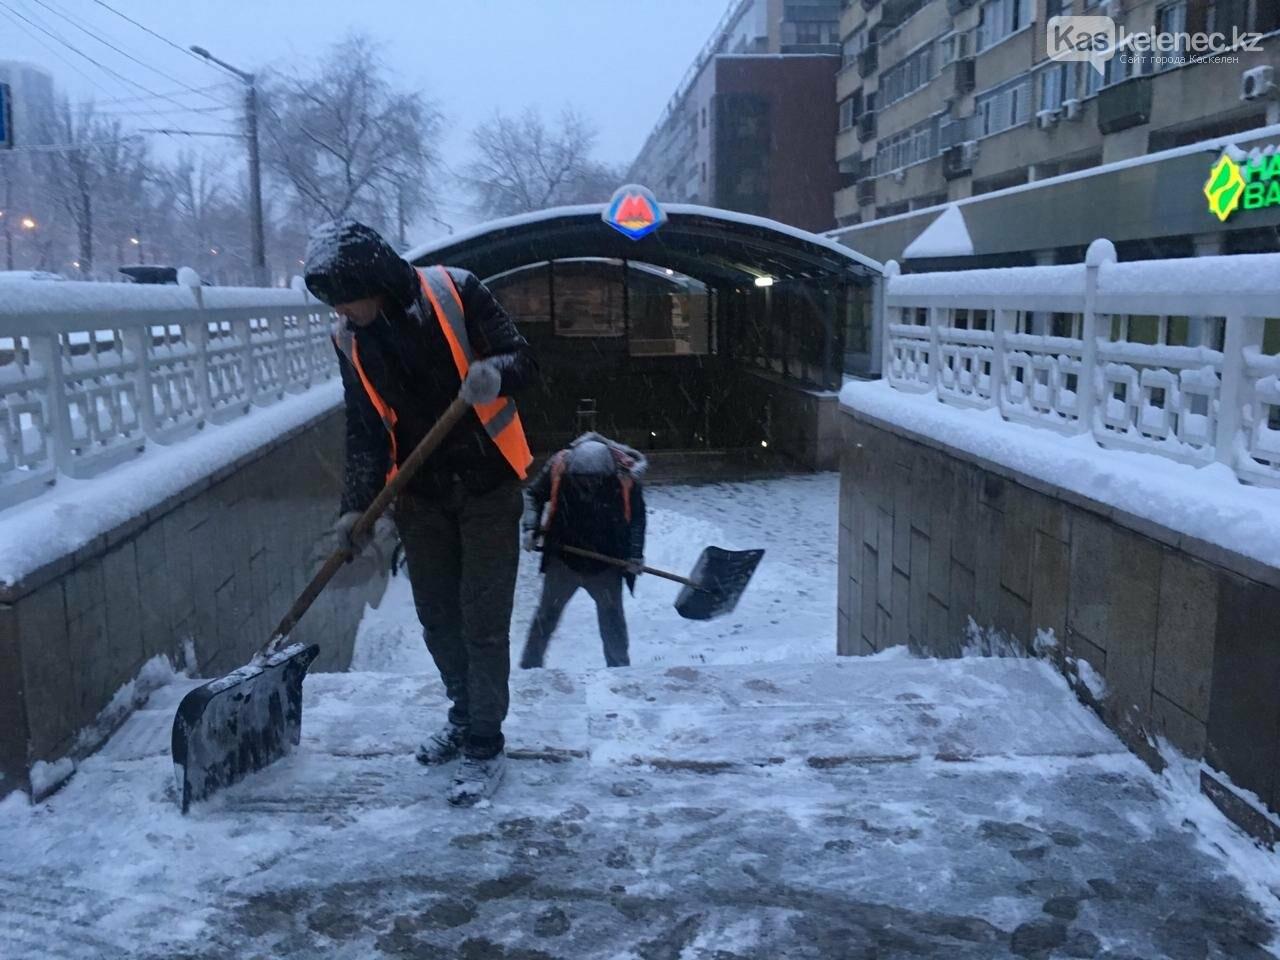 30 сантиметров снега выпало в Алматы и окрестностях, фото-3